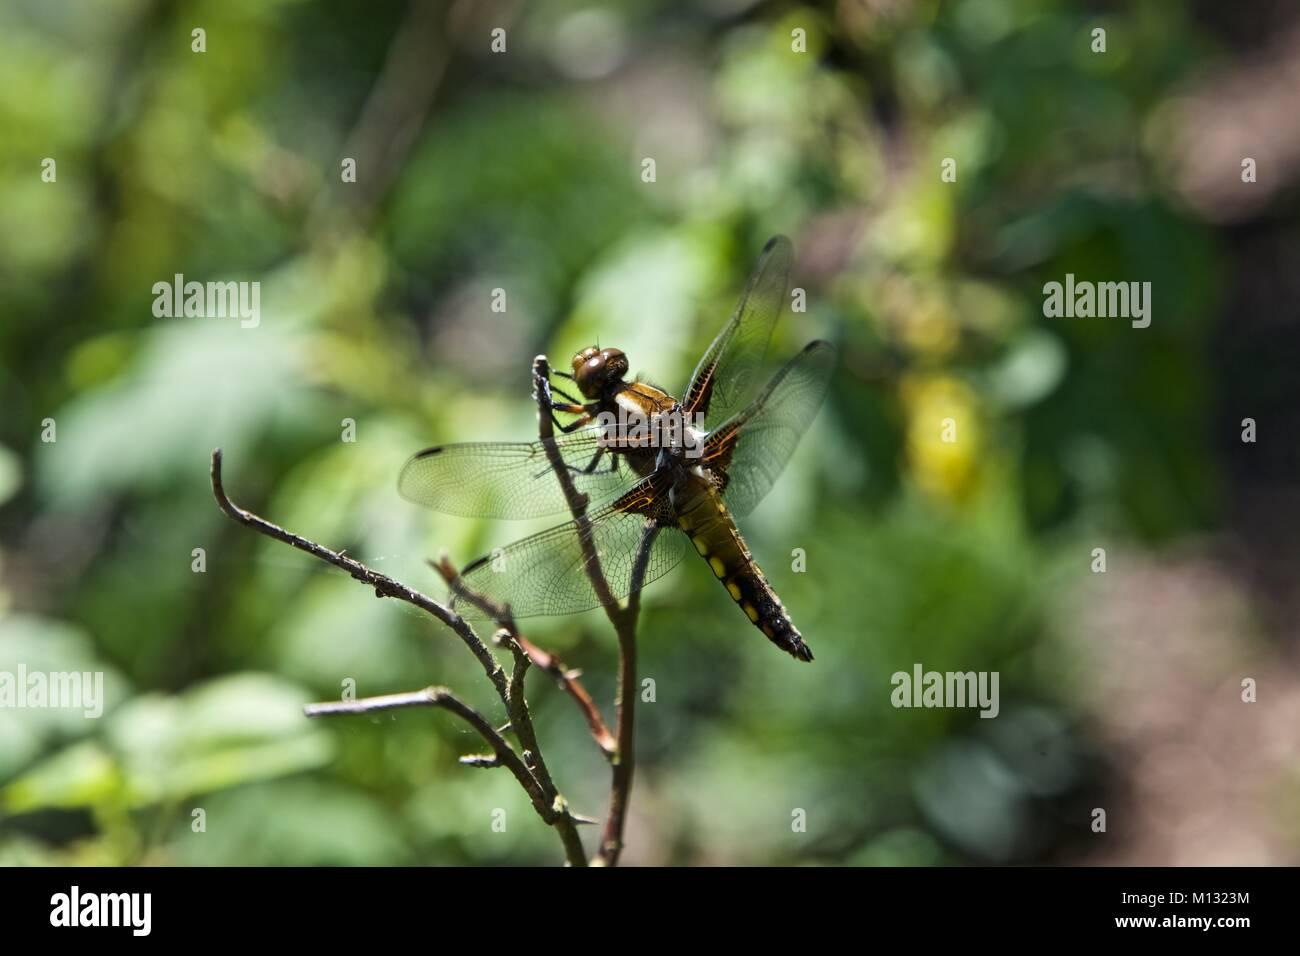 Dragonfly su un bastone in un giardino Immagini Stock